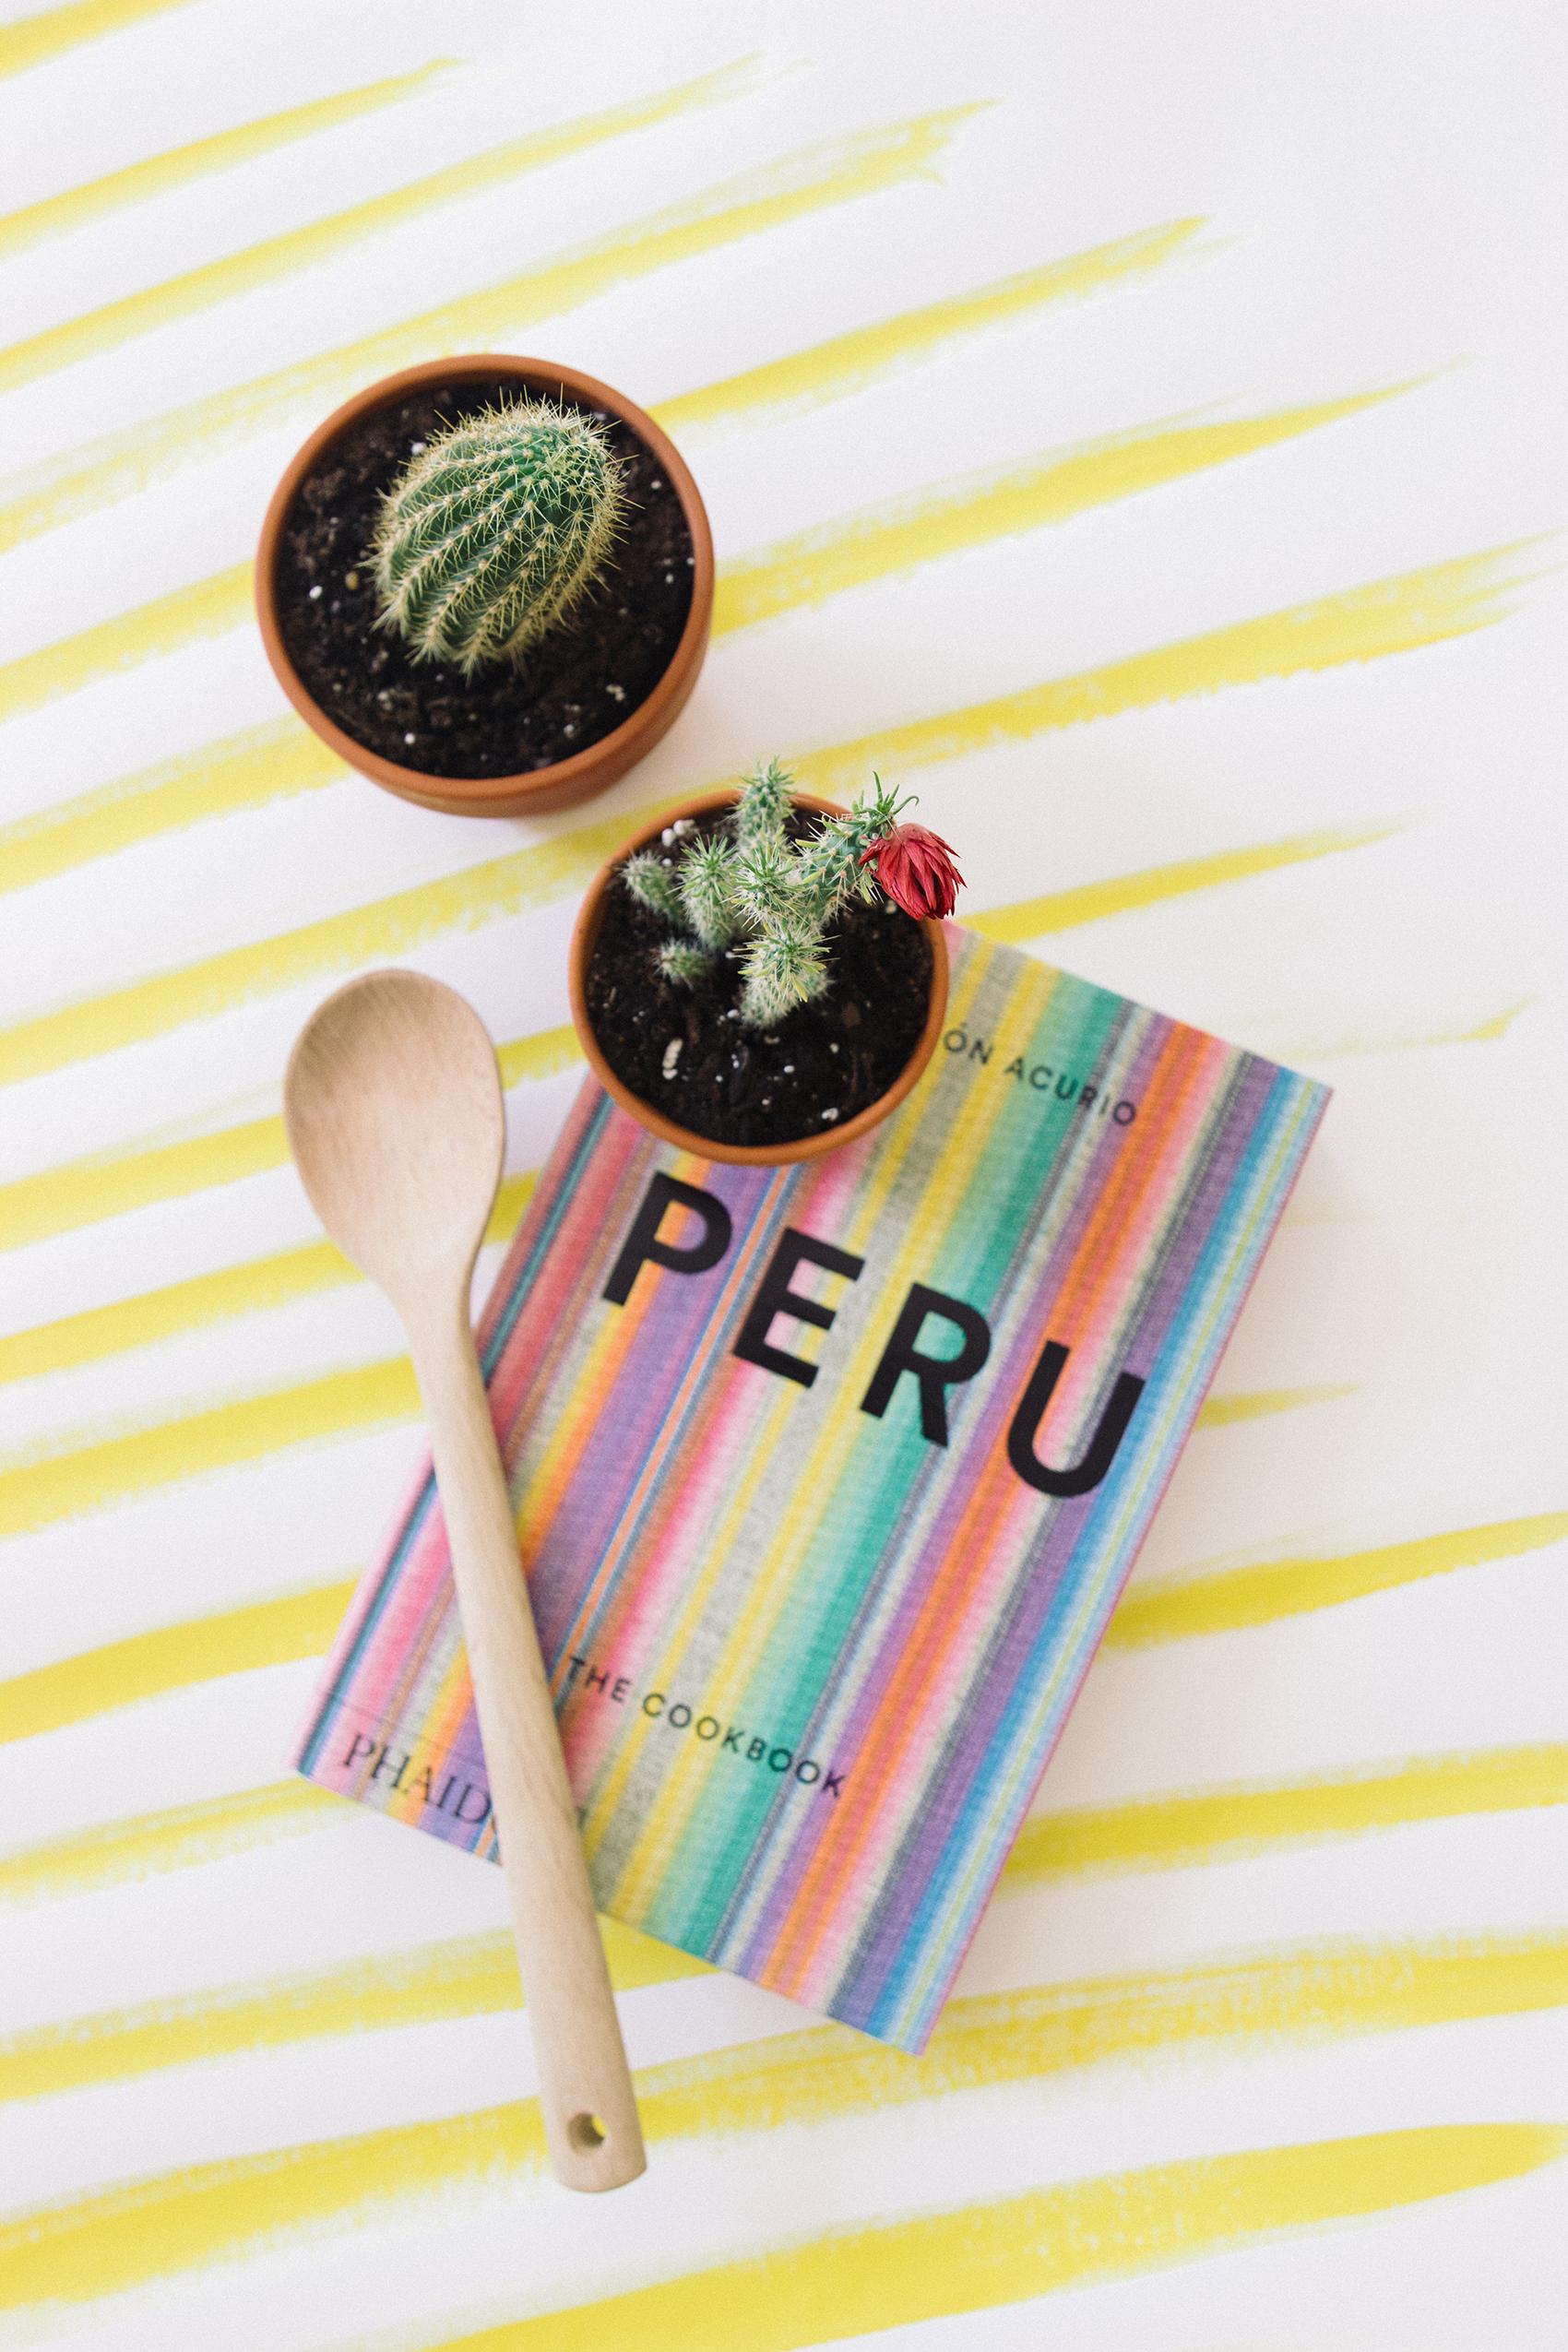 Peru Cookbook 3